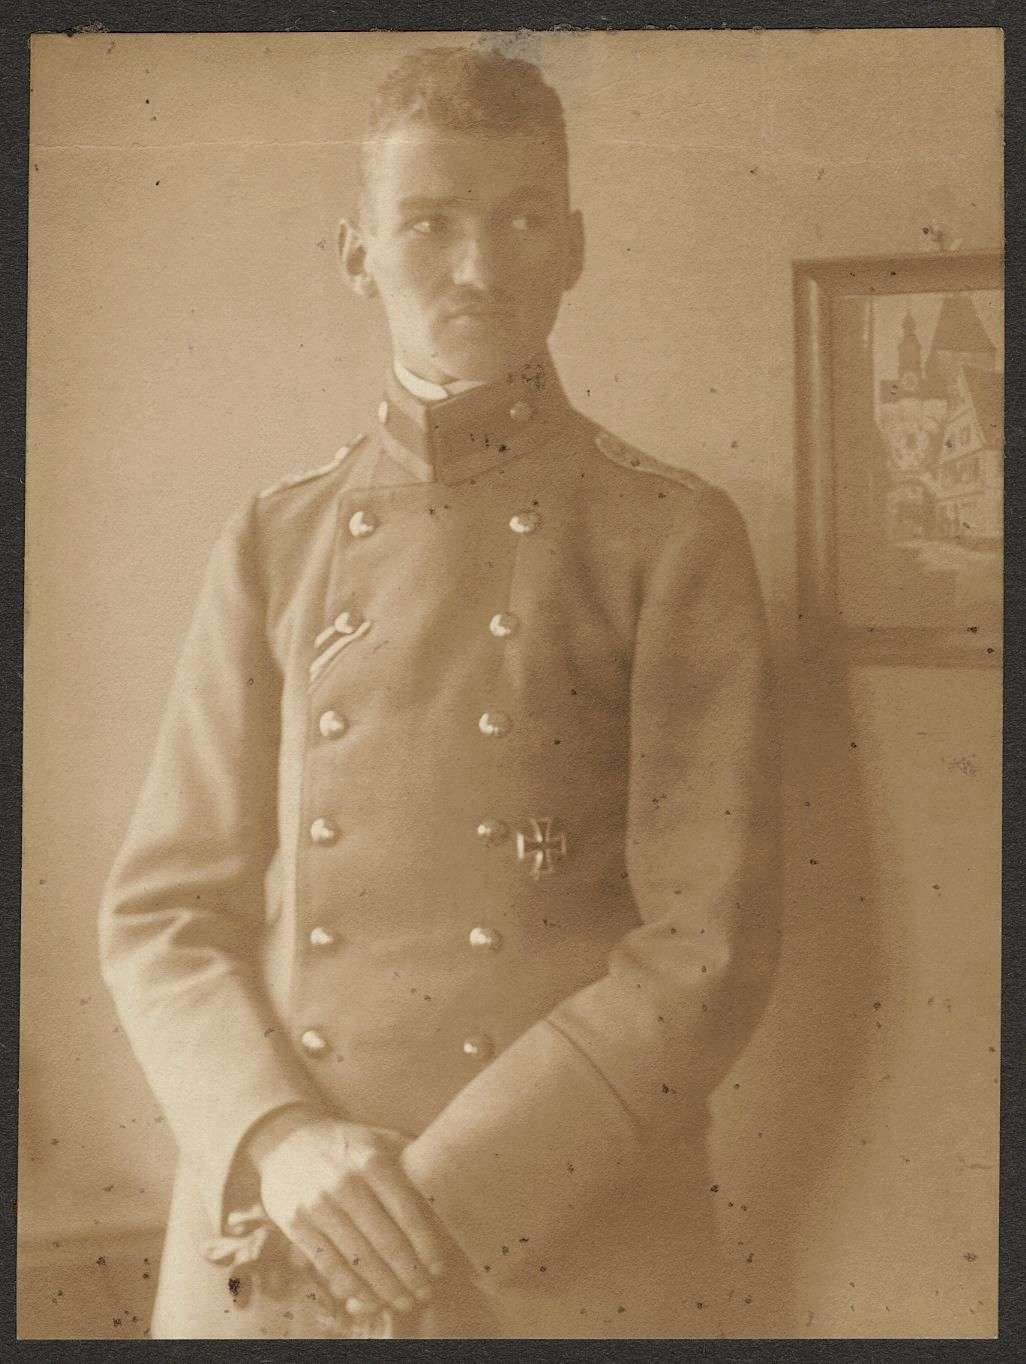 Hahn, Ludwig, Bild 1